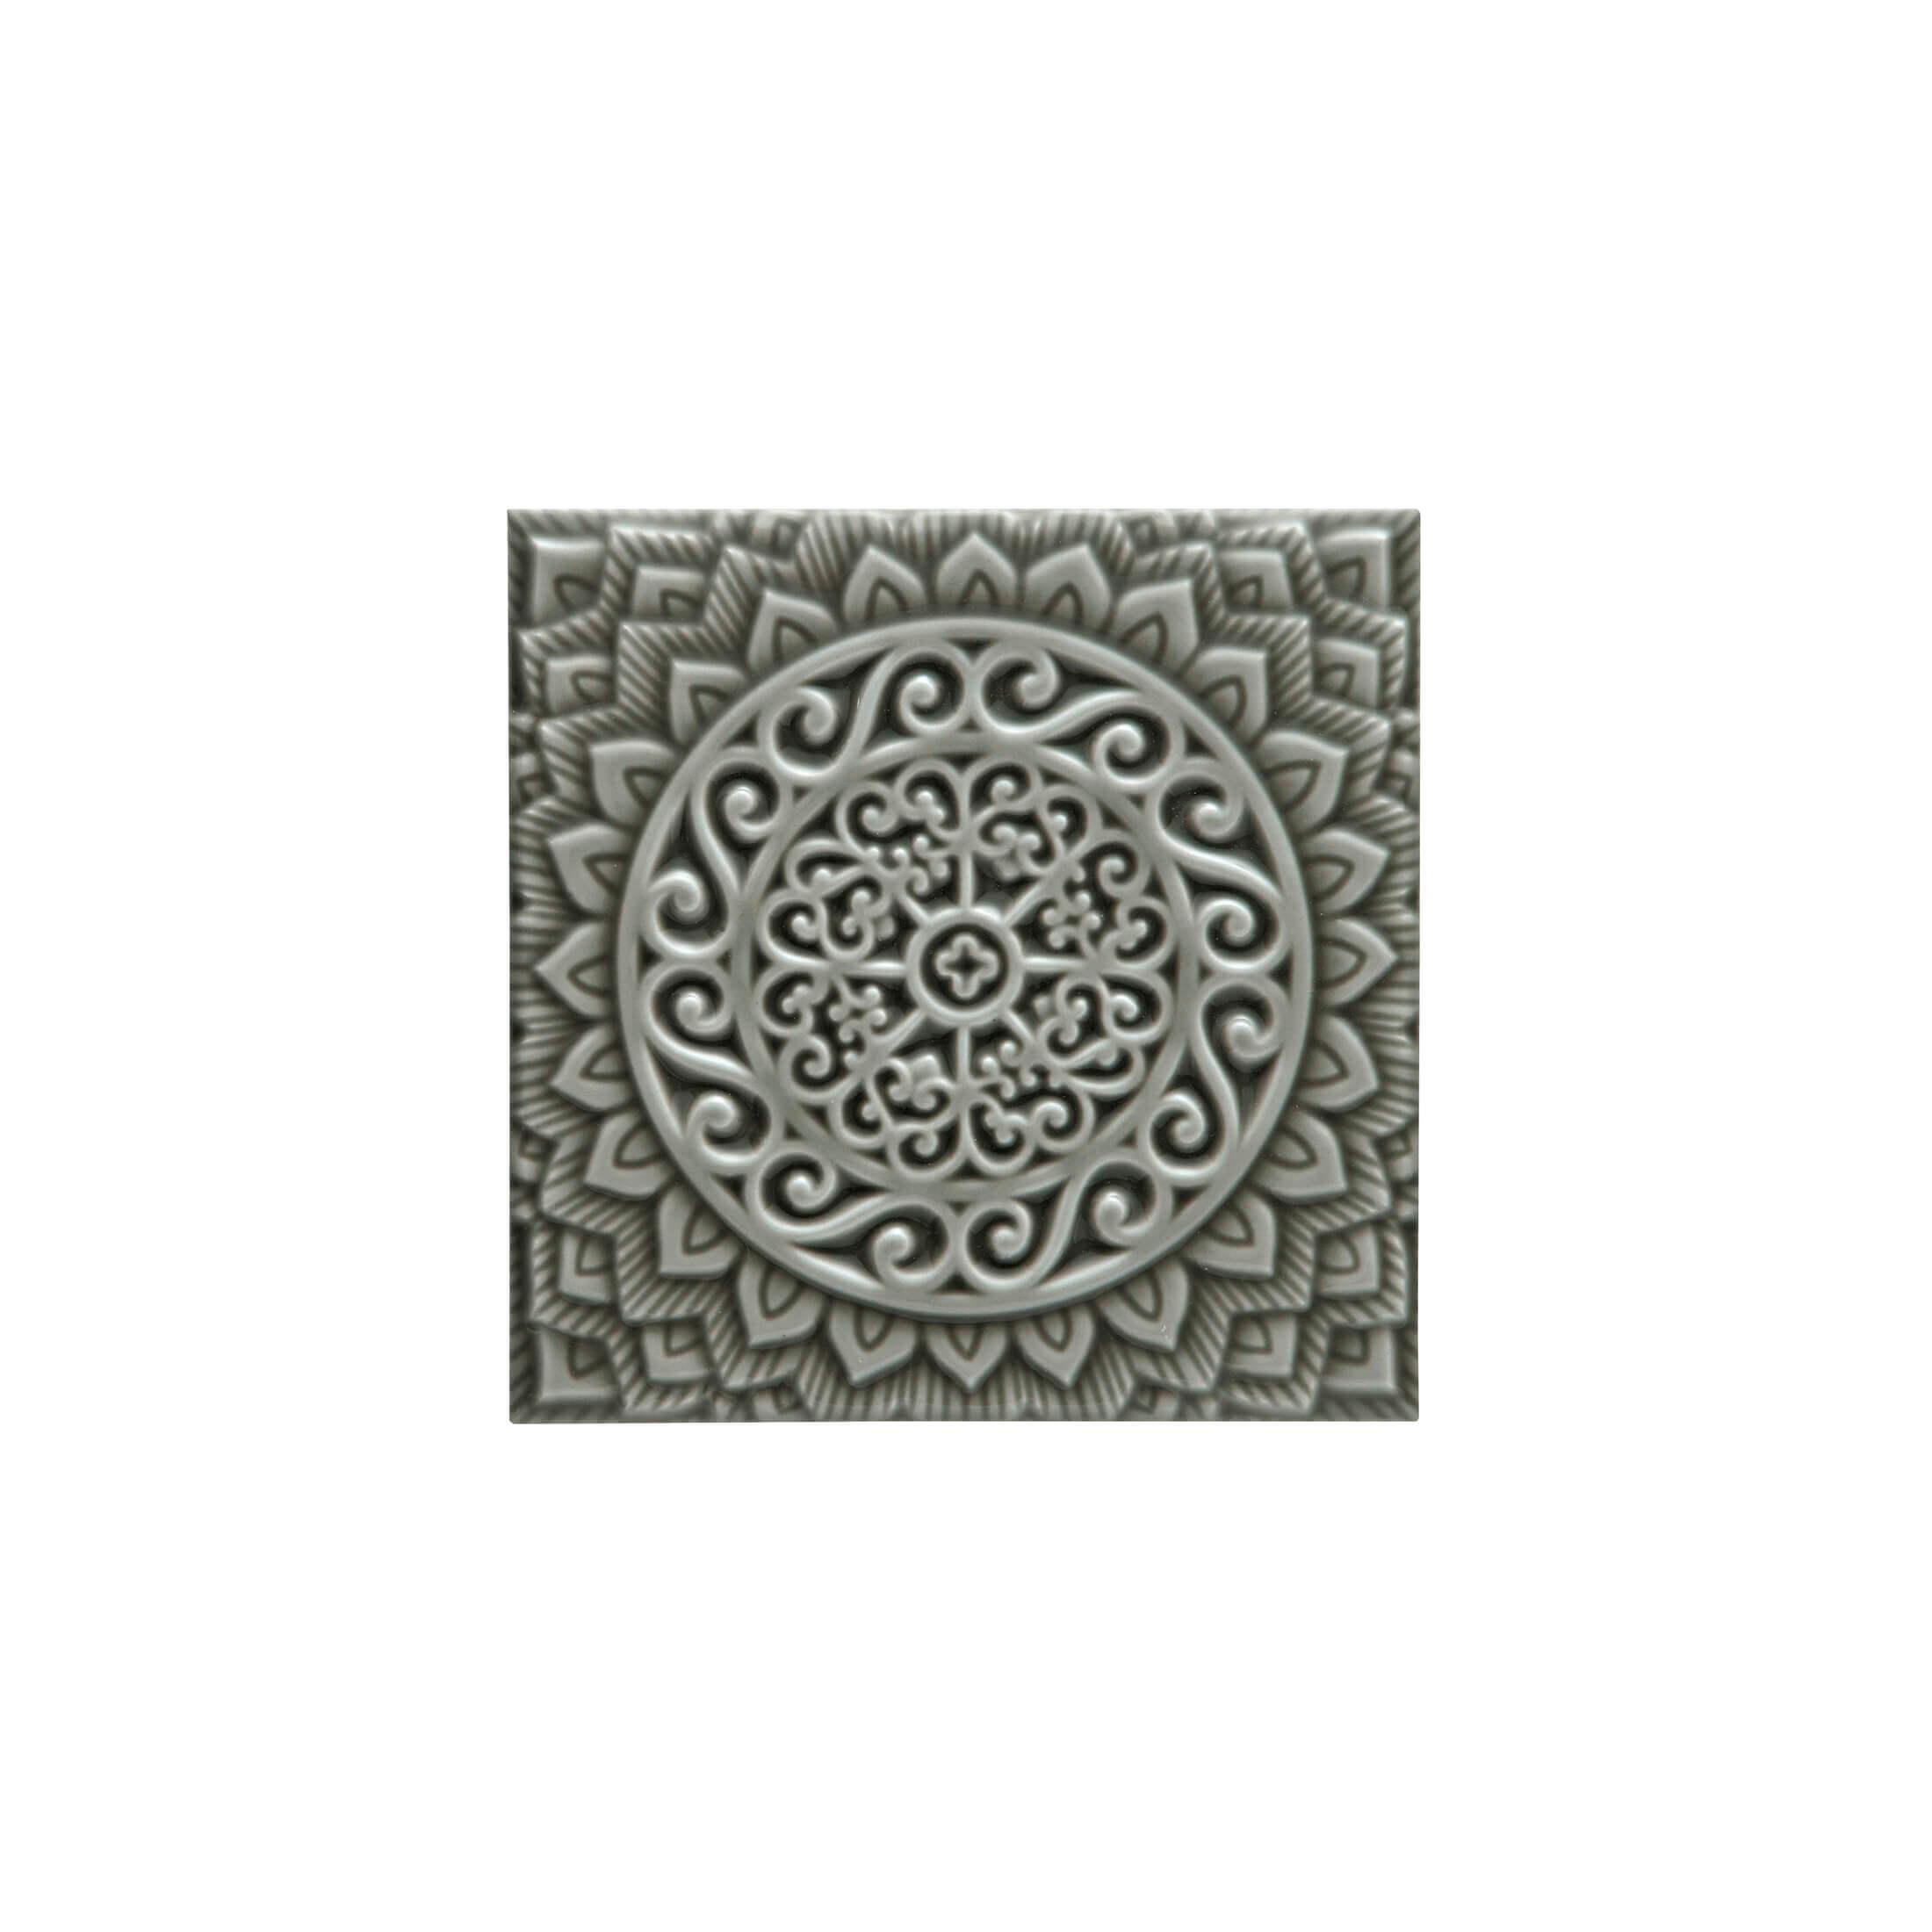 ADST4101 - RELIEVE MANDALA UNIVERSE - 14.8 cm X 14.8 cm